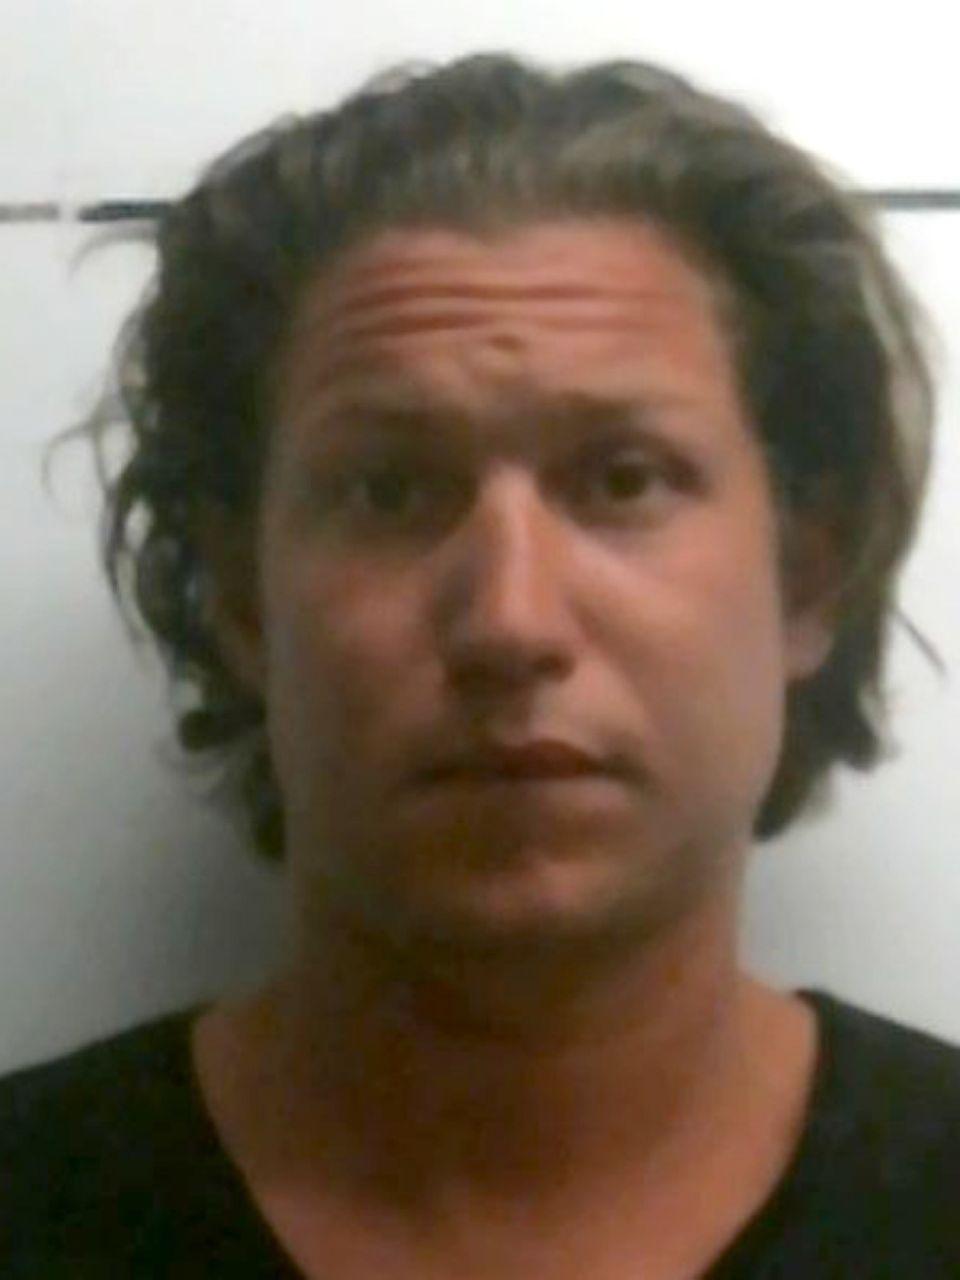 Vito Schnabel mit Drogen erwischt - Festnahme!